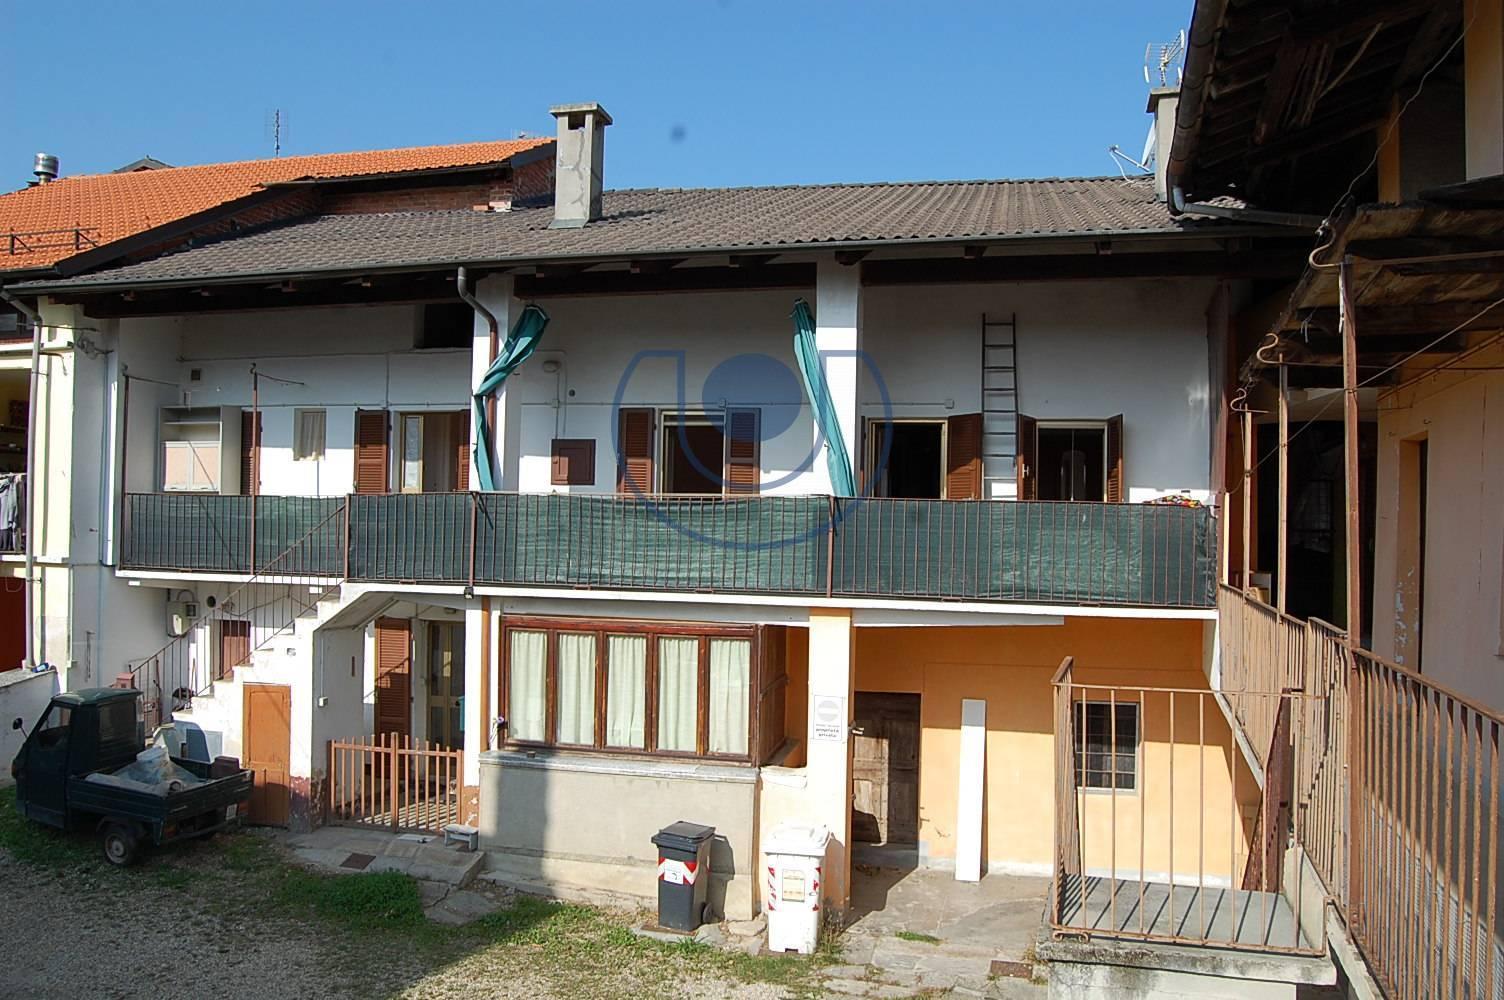 Appartamento in vendita a Giaveno, 6 locali, zona Località: B.taSelvaggio, prezzo € 48.000 | PortaleAgenzieImmobiliari.it